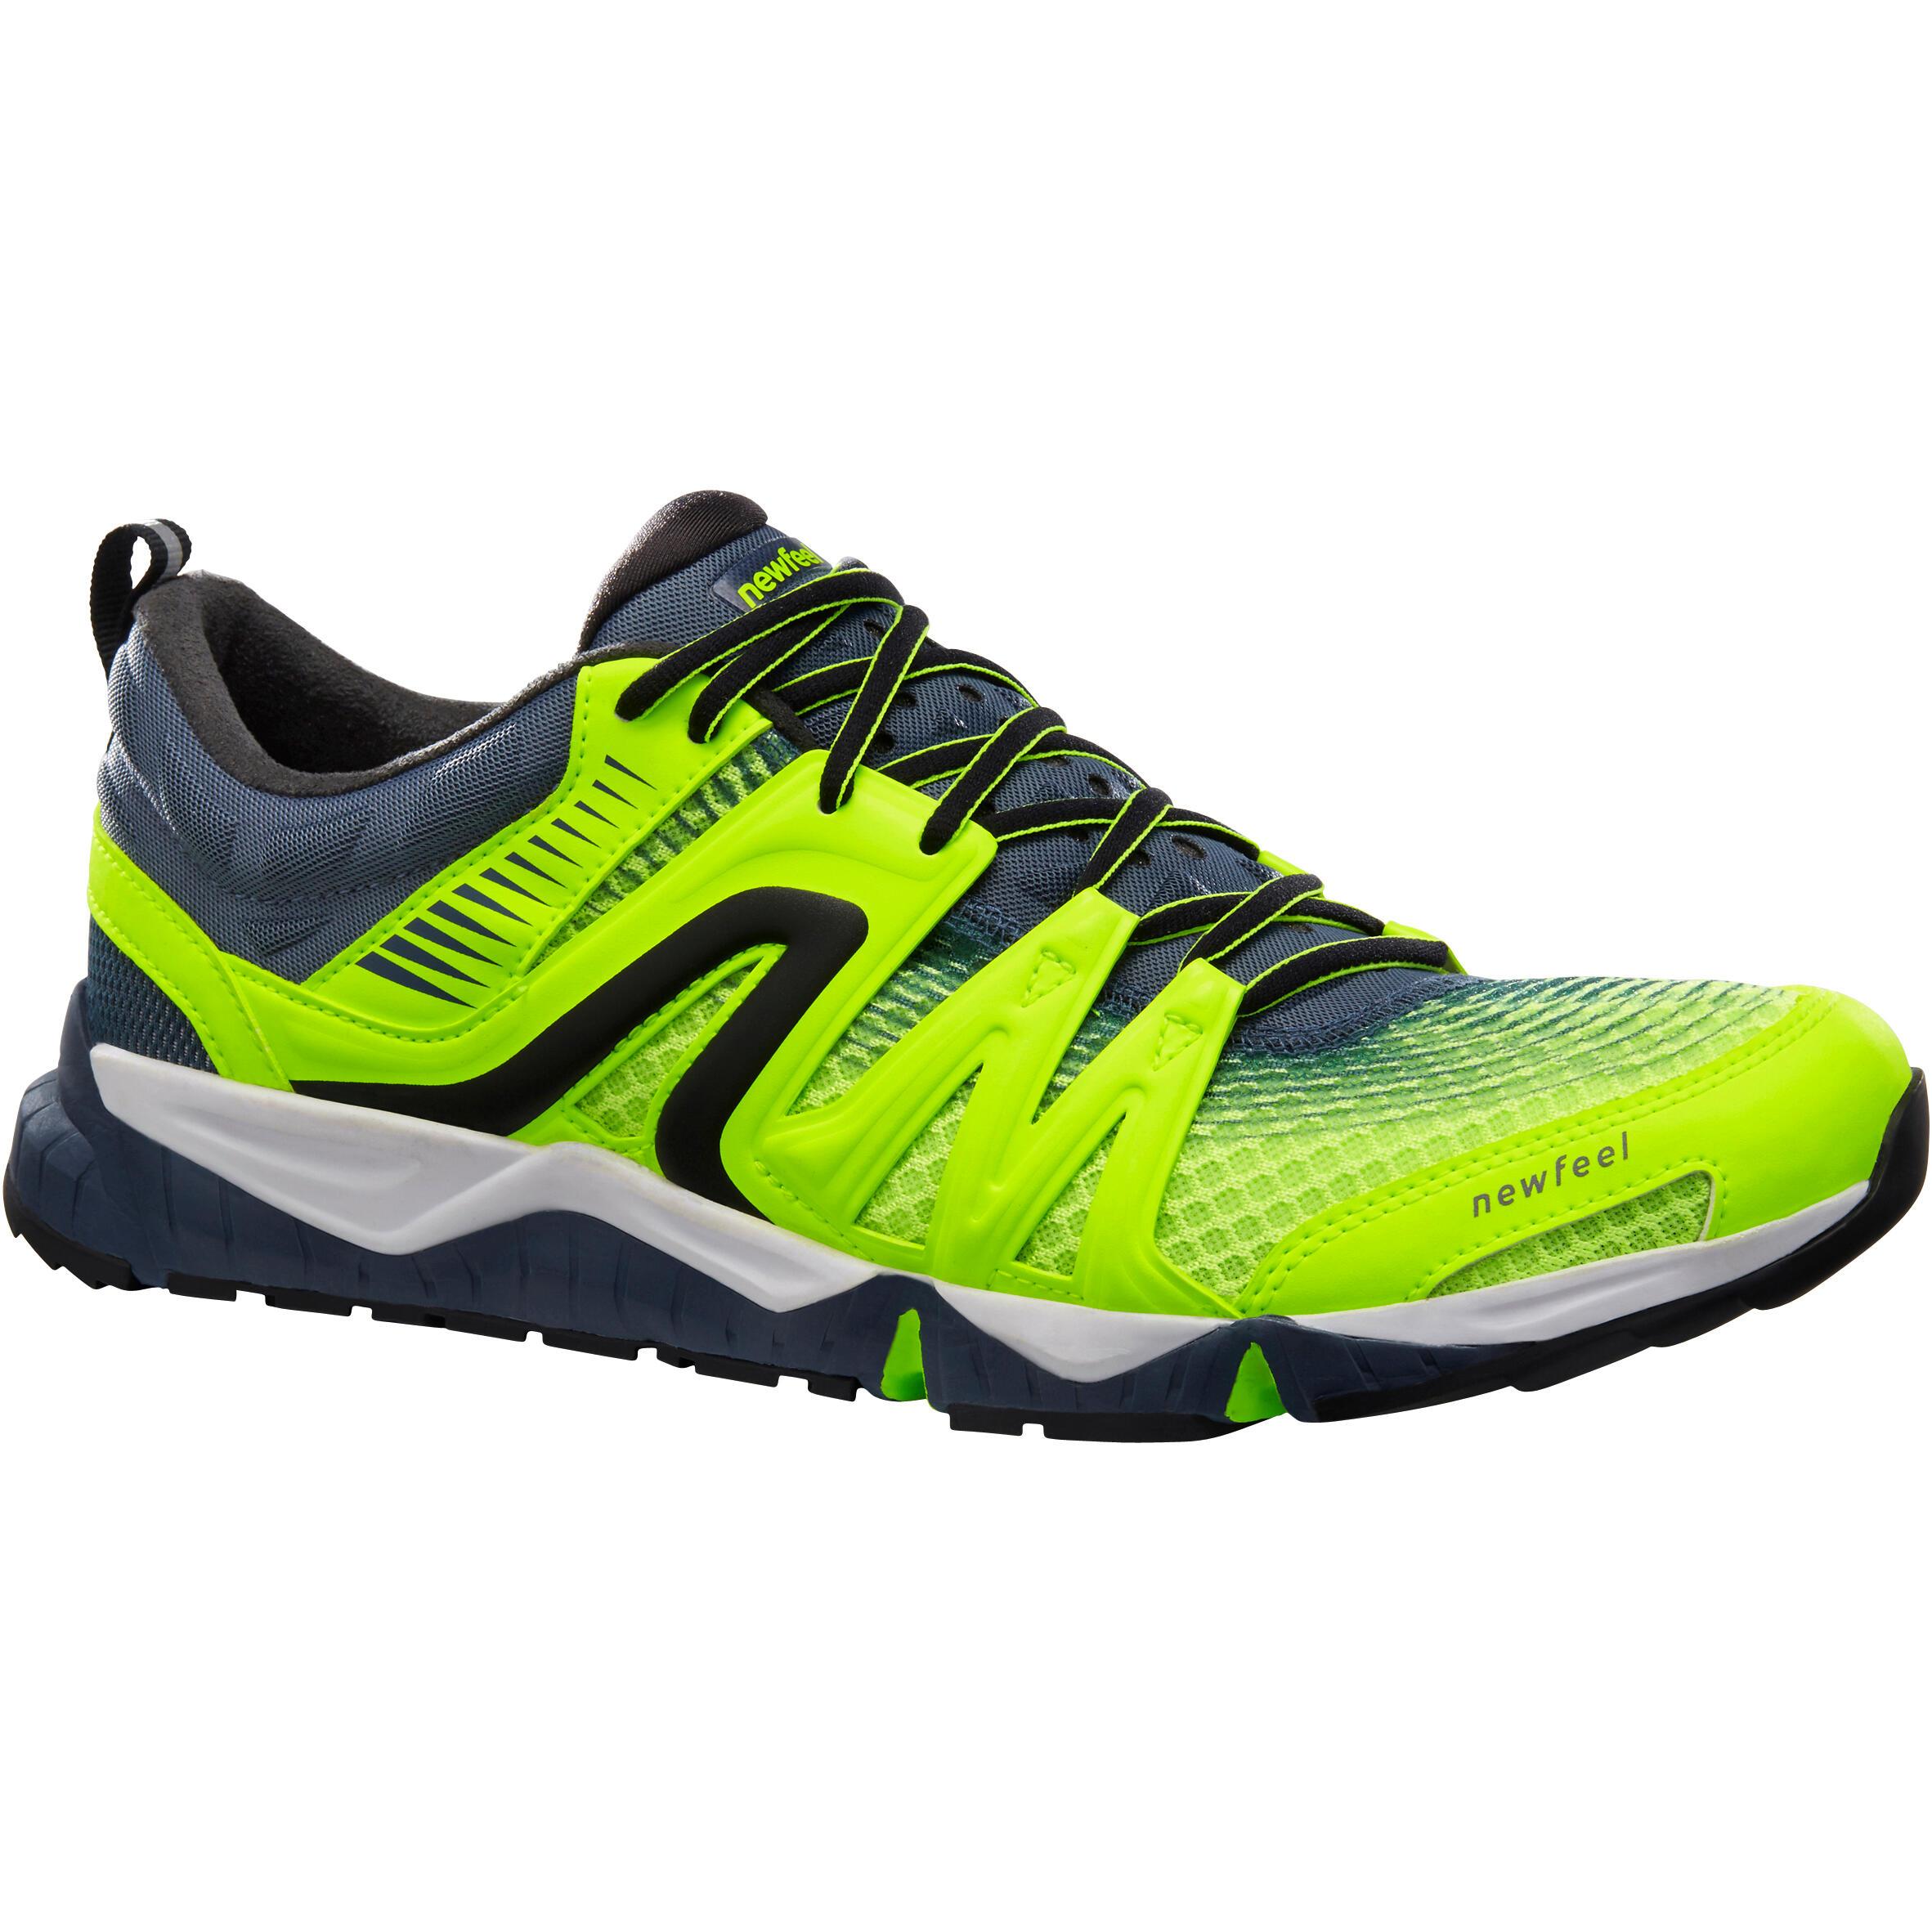 681afff18 Comprar Zapatillas de Marcha Hombre Online